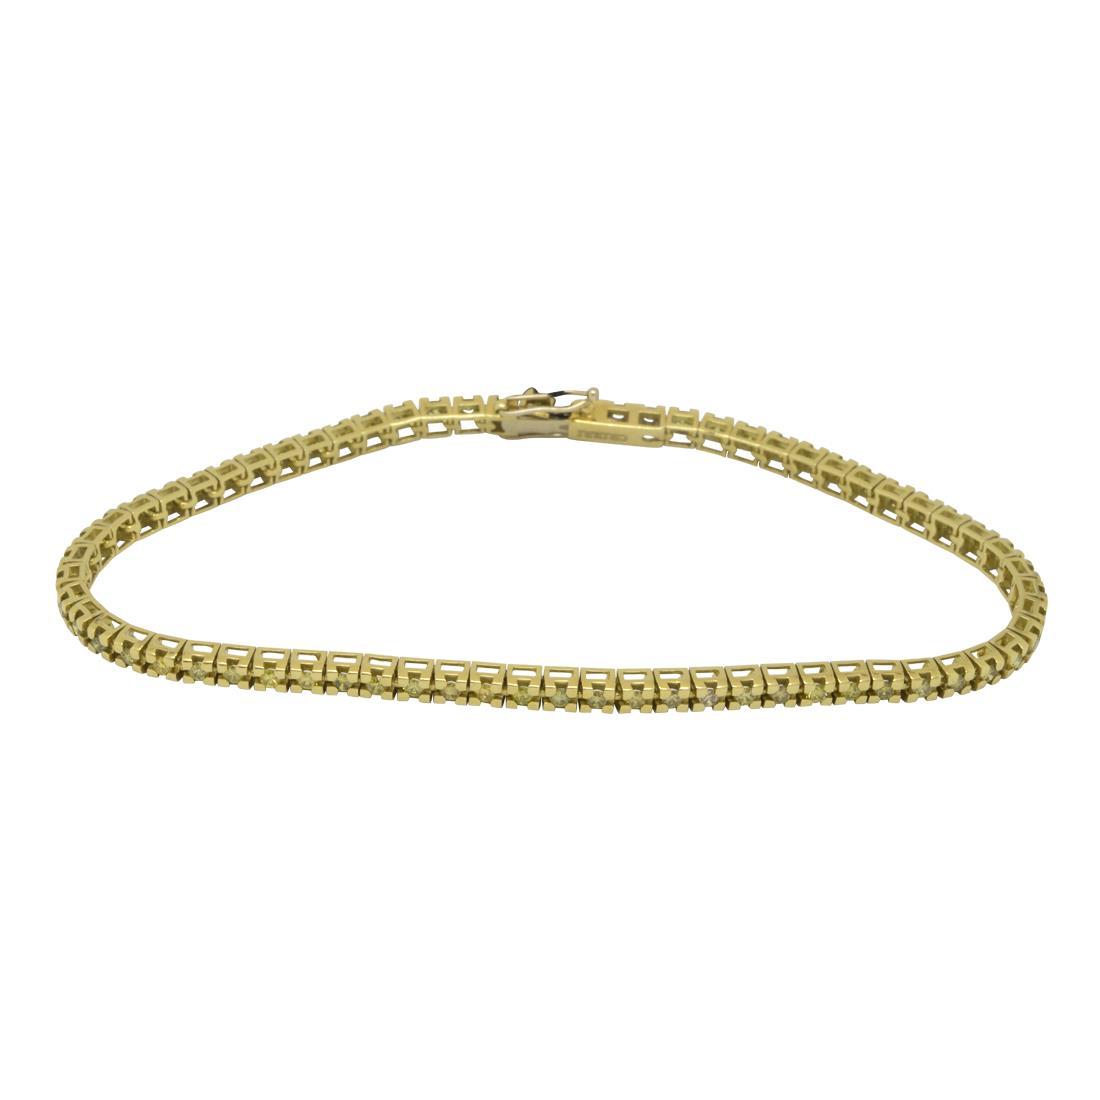 Bracciale tennis in oro giallo con diamanti fancy ct. 1,85 - ALFIERI & ST. JOHN